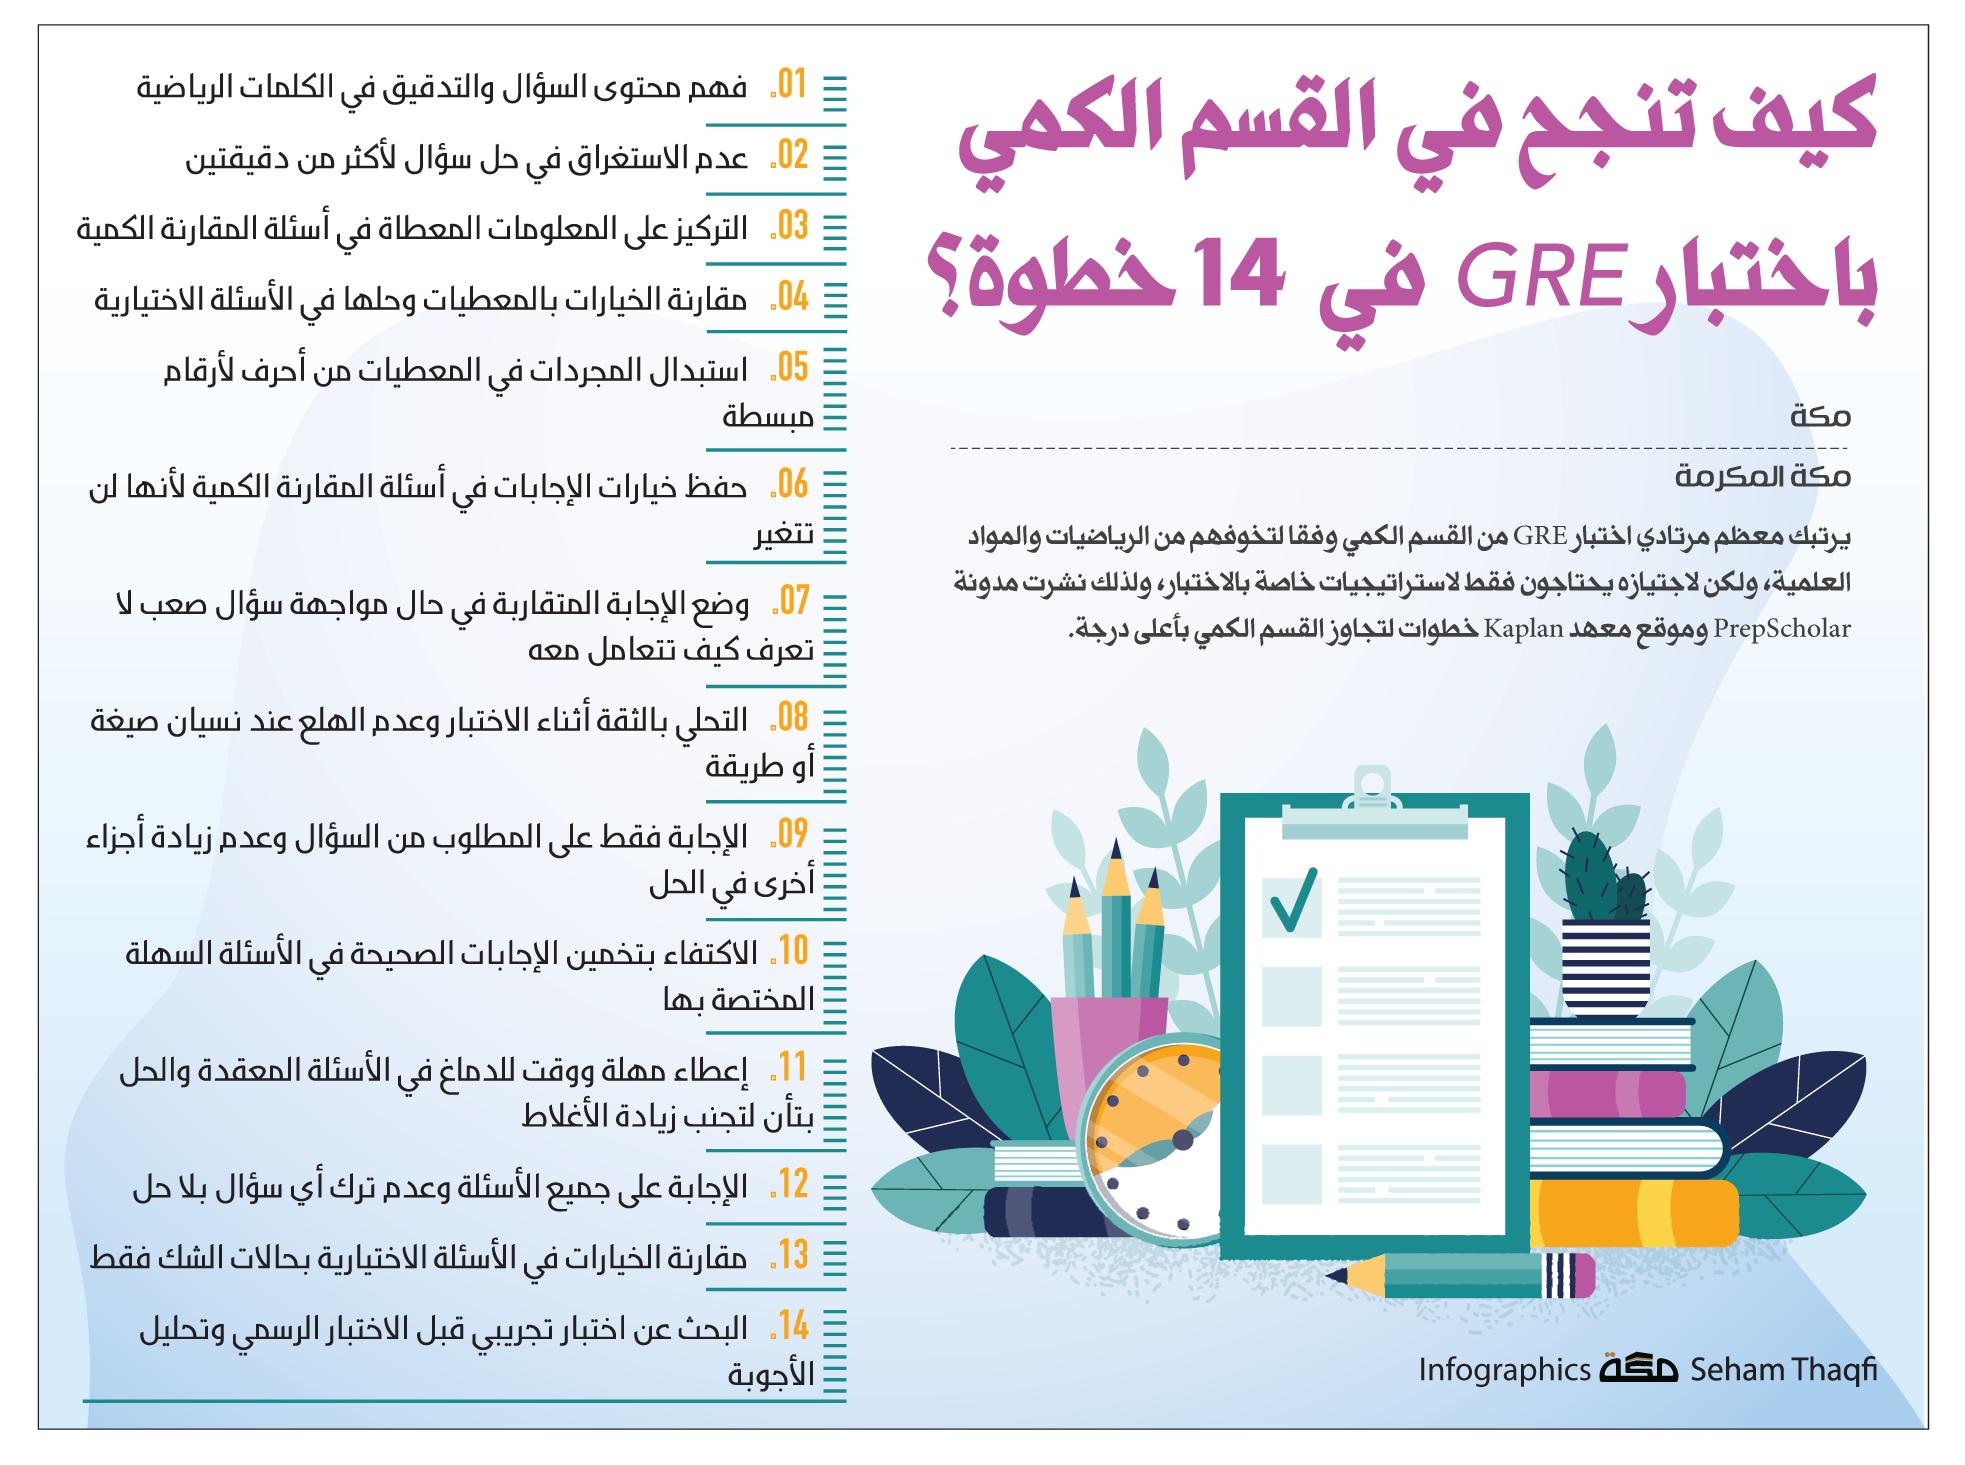 كيف تنجح في القسم الكمي باختبار Gre في 20 خطوة اختبار Gre انفوجرافيك صحيفة مكة Words Word Search Puzzle Infographic